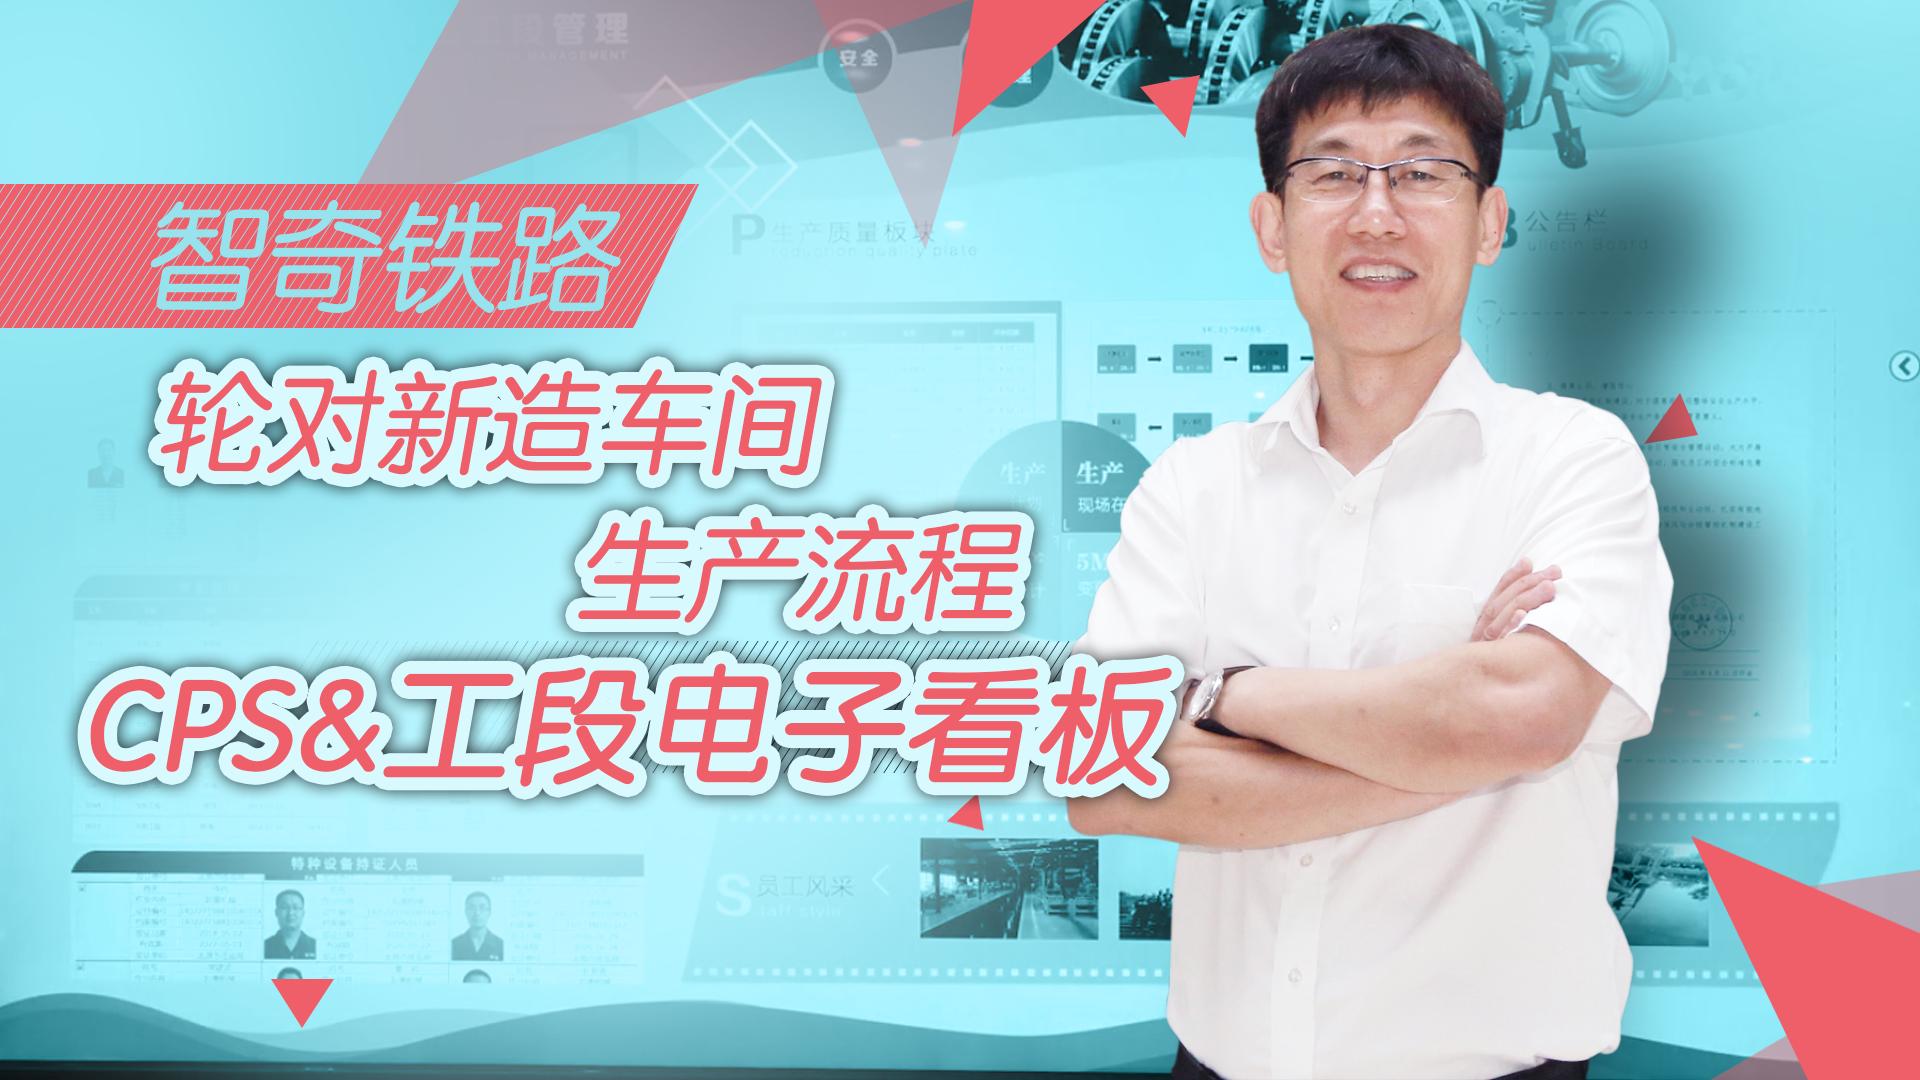 智奇铁路_轮对新造车间生产流程-CPS&工段电子看板